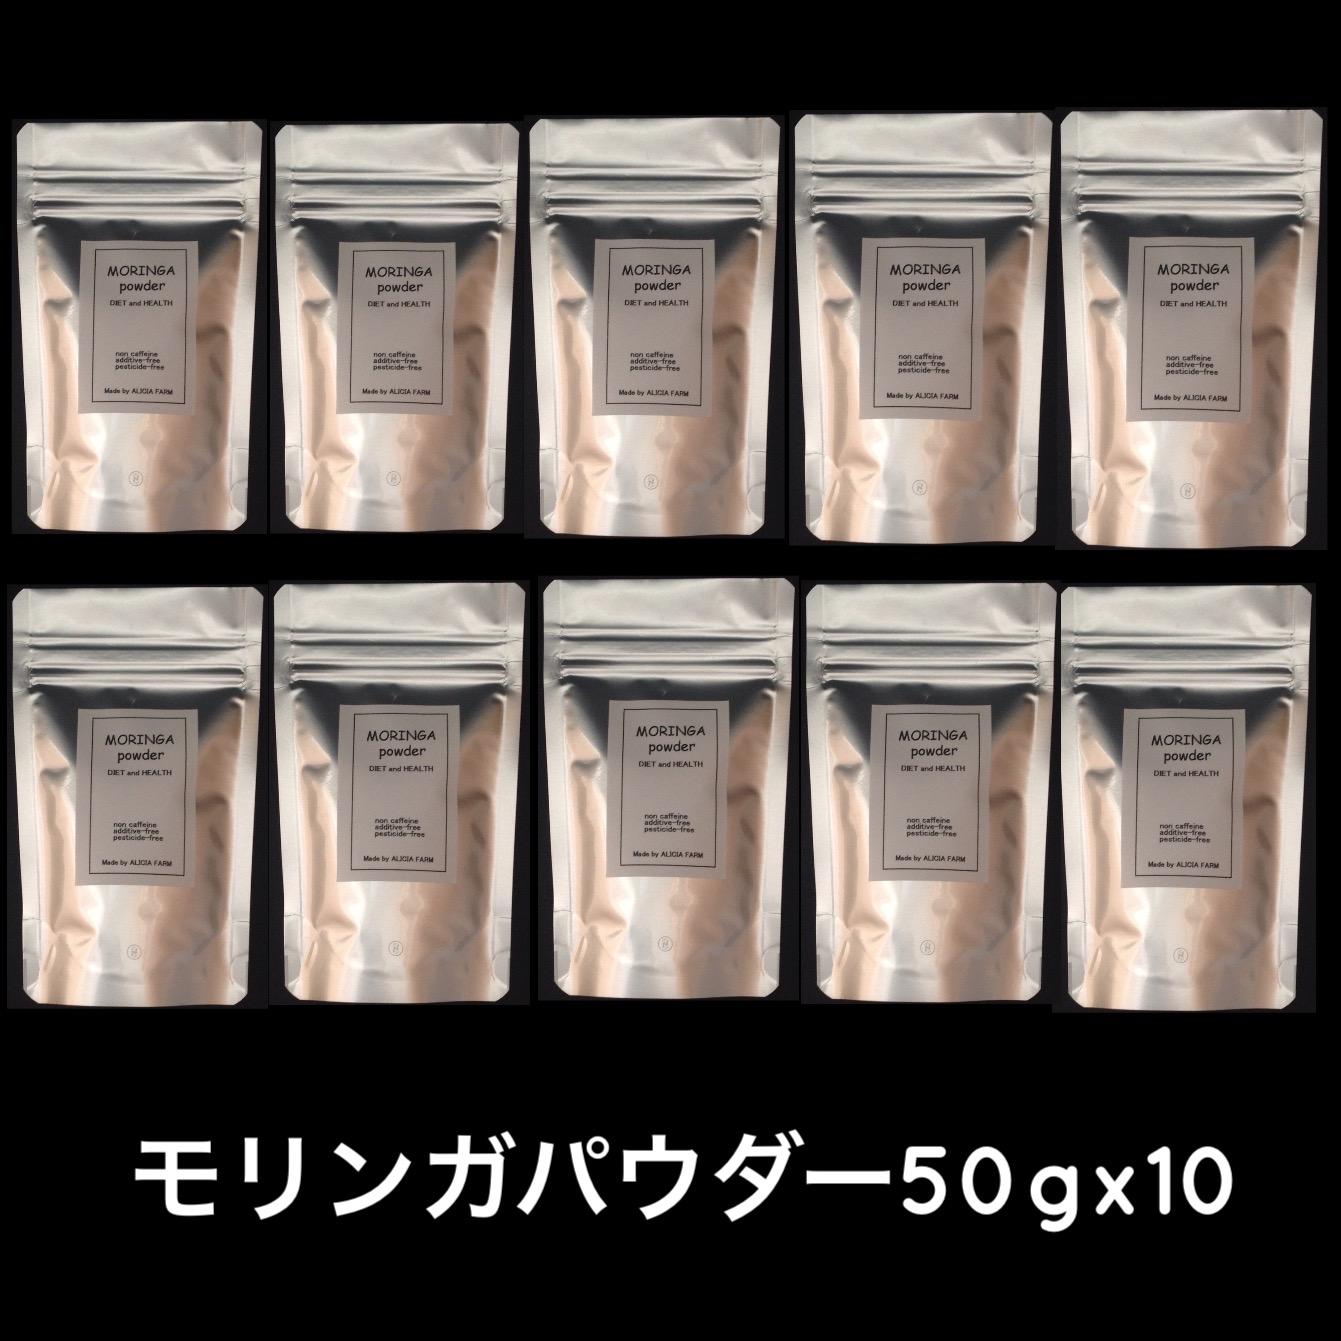 モリンガパウダー50gx10 代理店価格画像